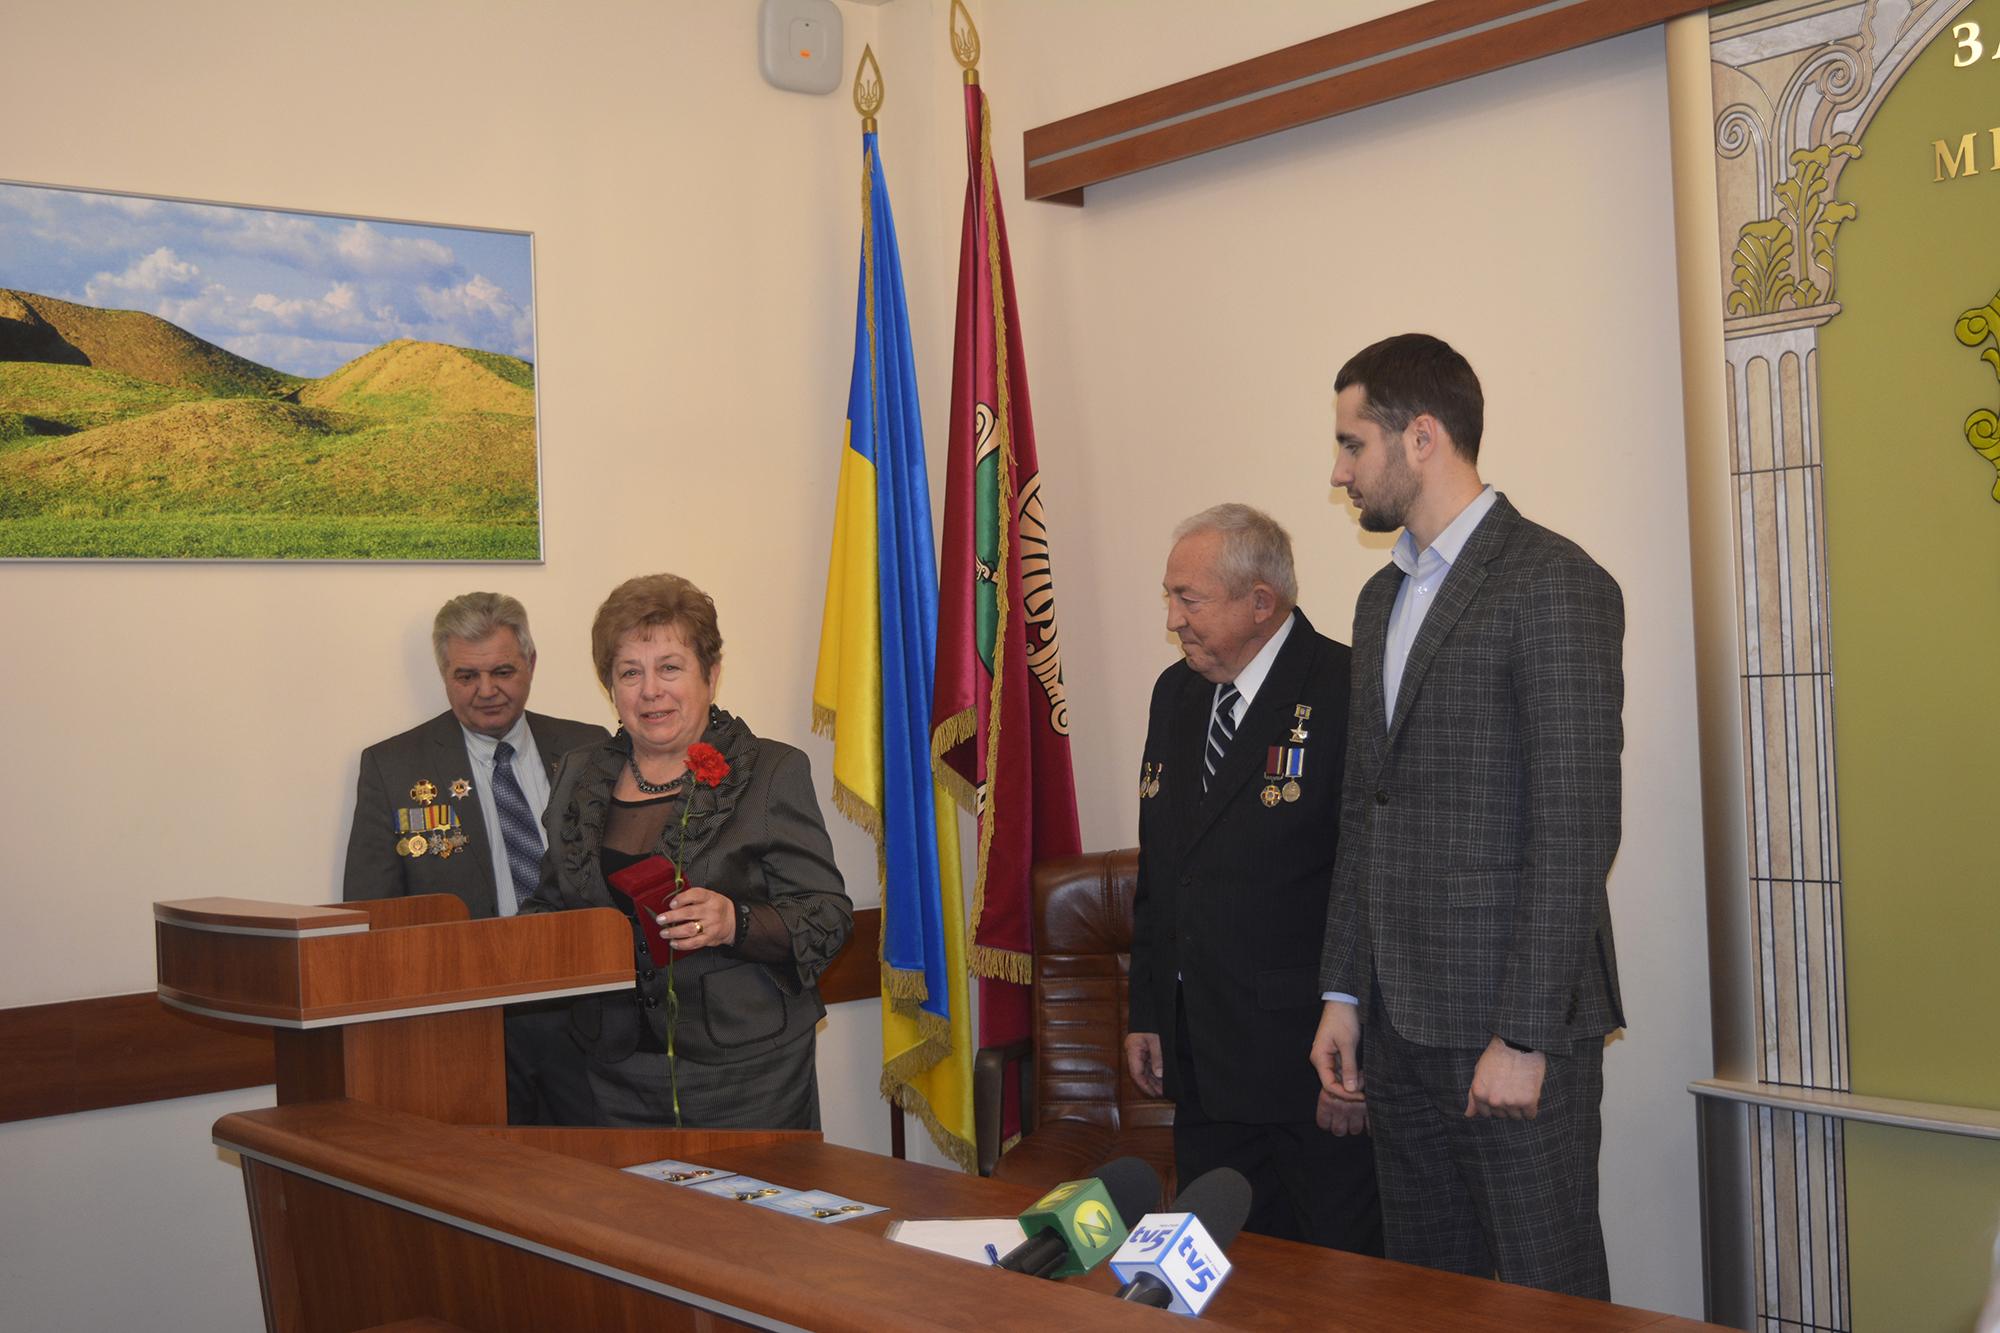 tatyana-pavlovna-obrashhaetsya-k-chernob